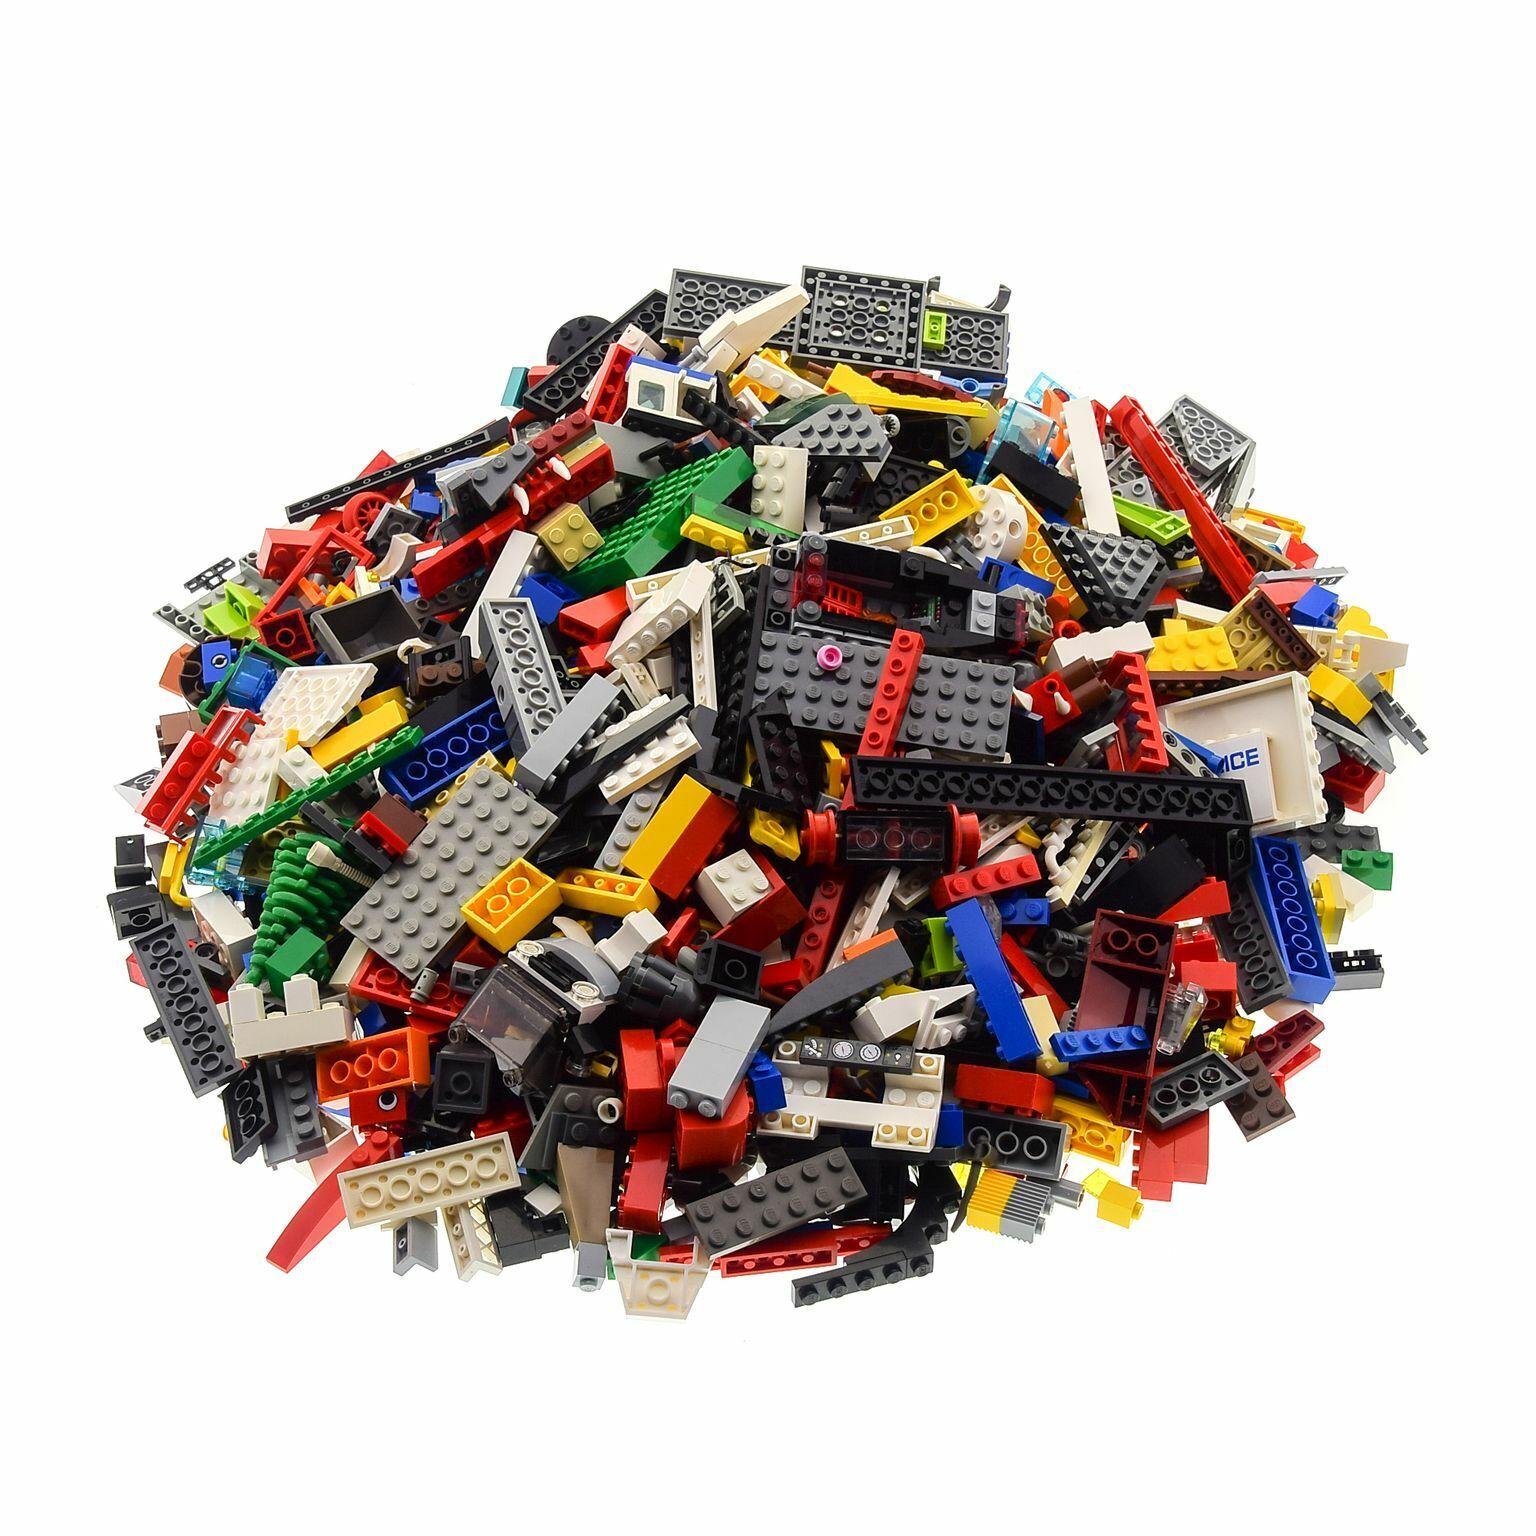 2 kg Lego Système construction Basic Basic Basic pierres avec spécial pièces kiloware par hasard mélangé 5758b7